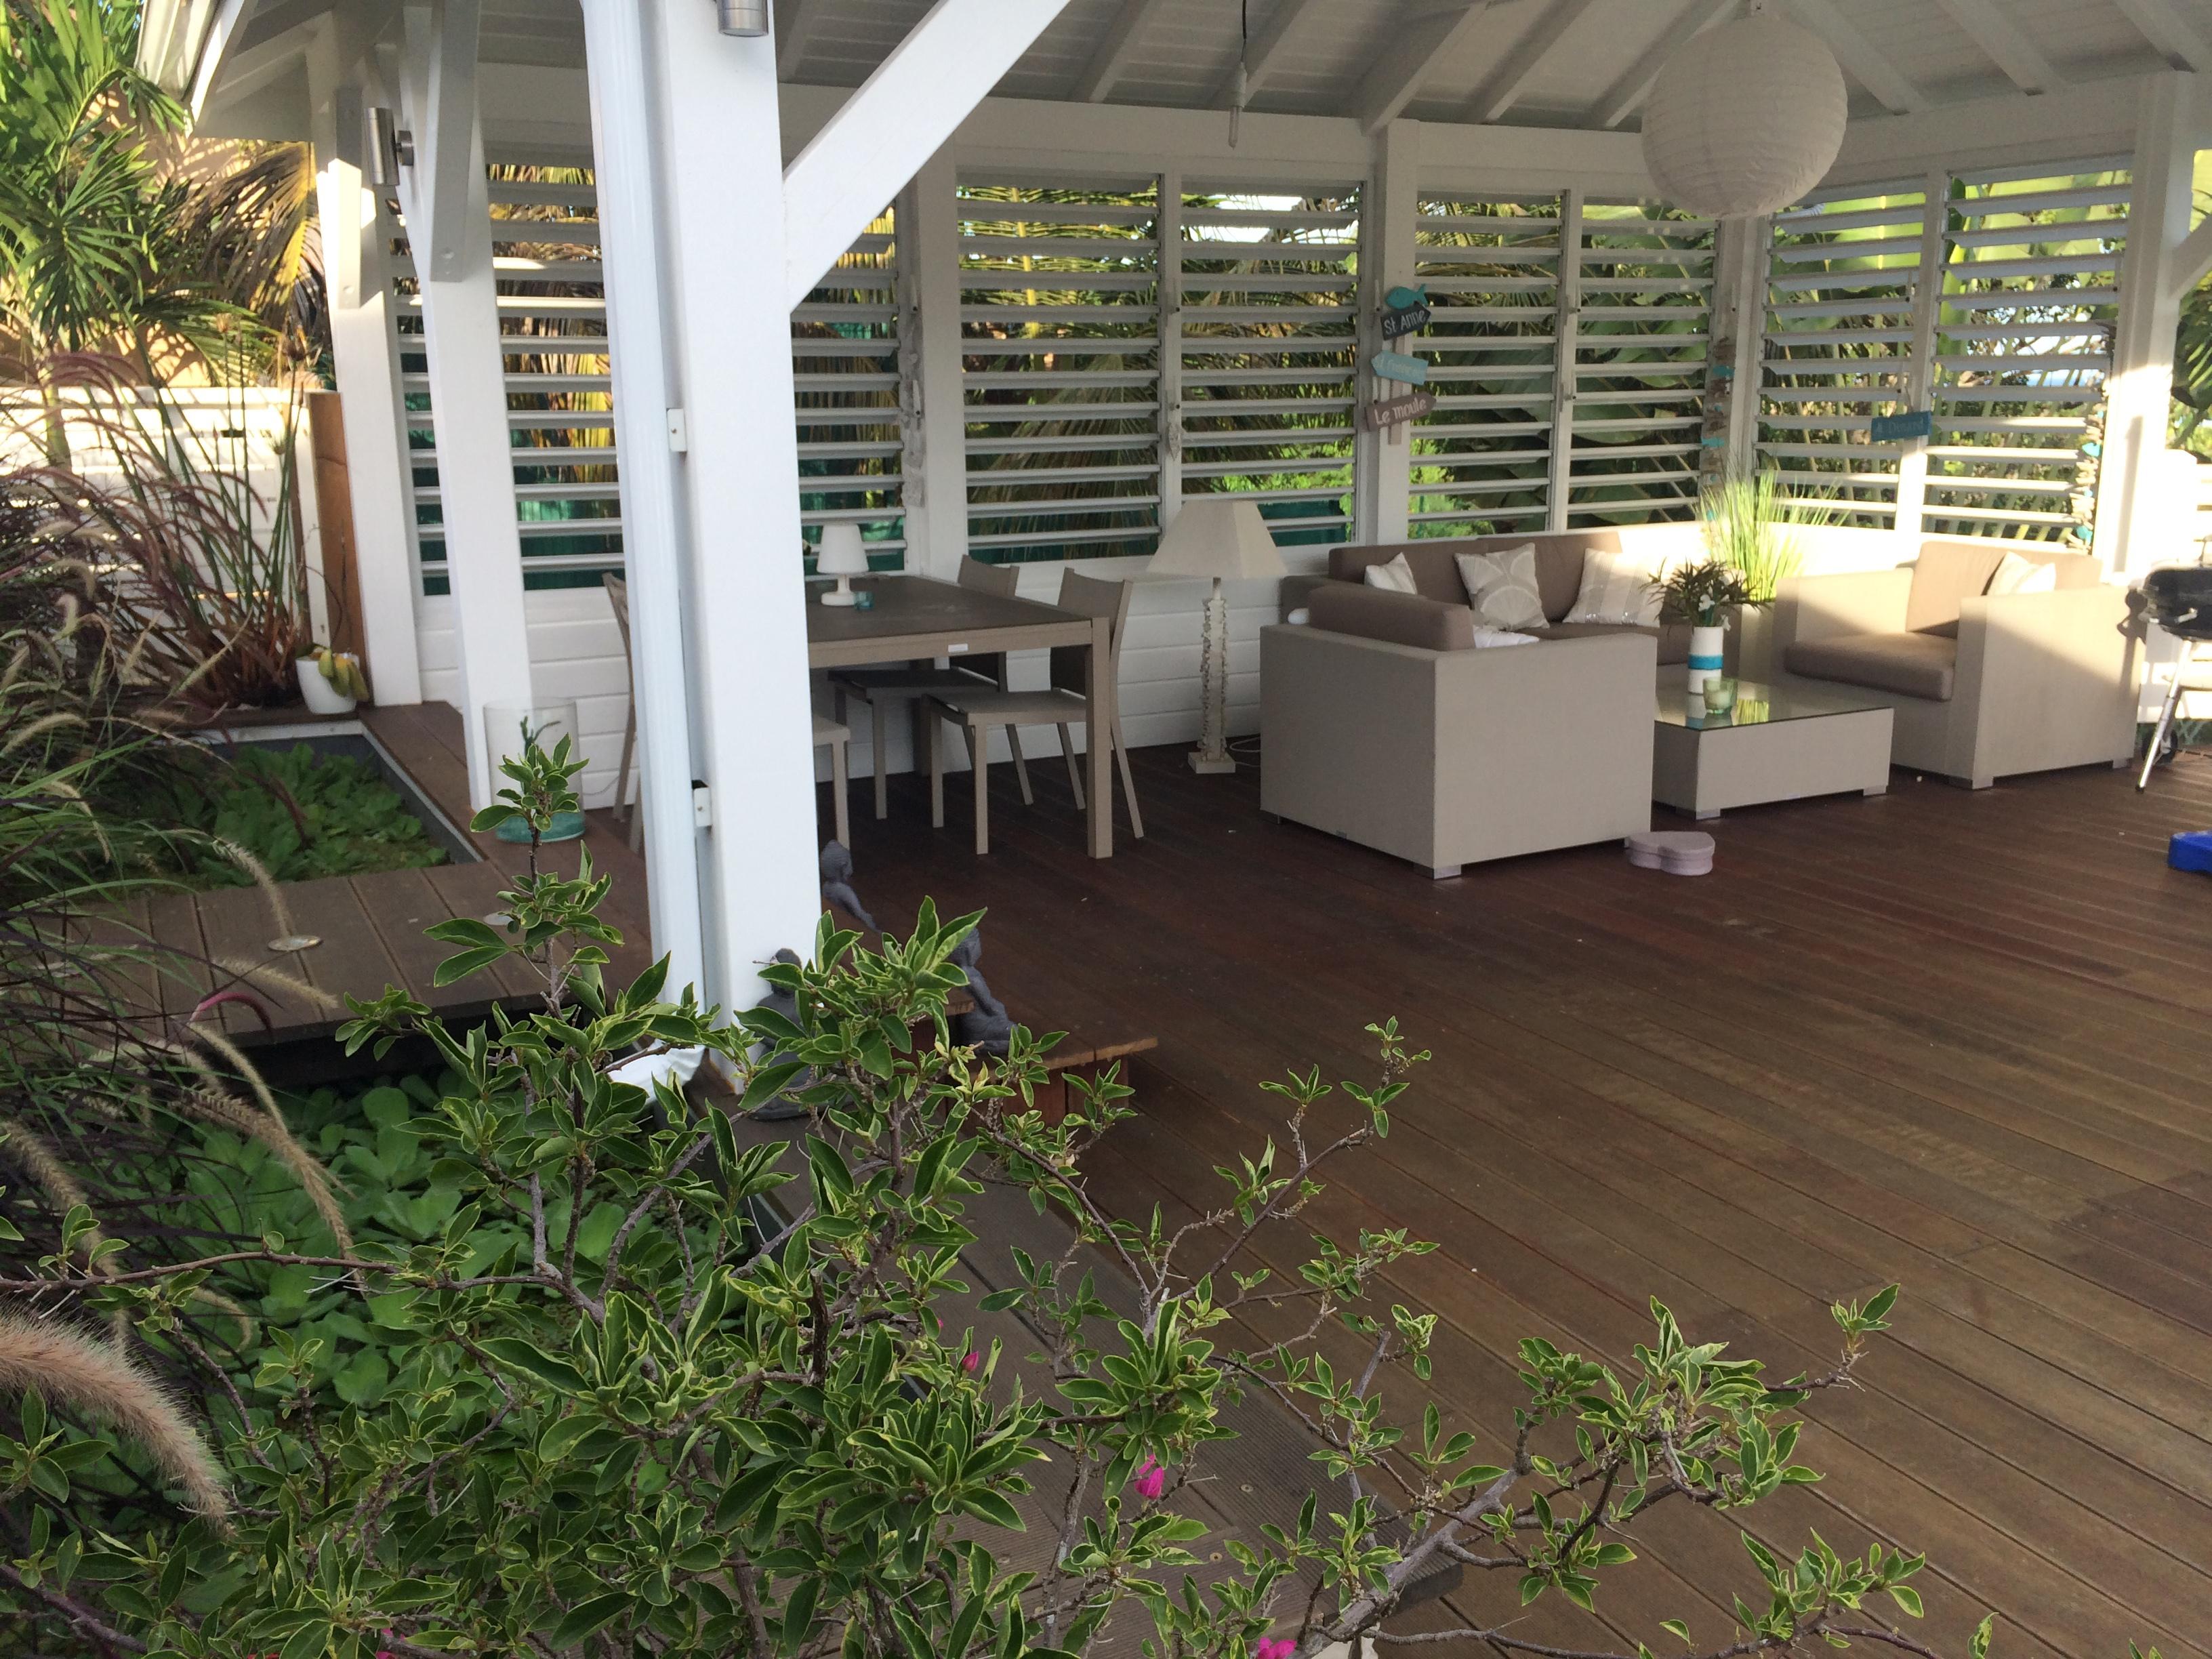 587soeexv Incroyable De Salon Jardin Exterieur Des Idées